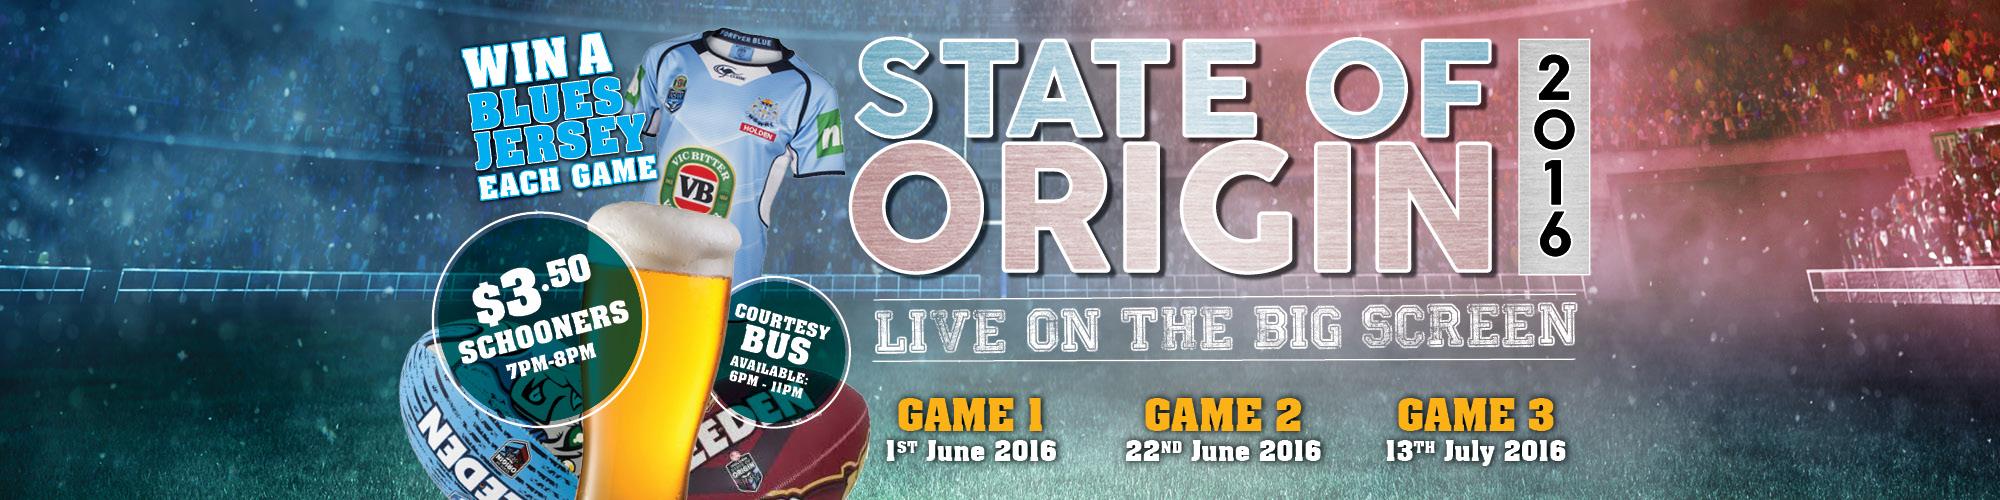 State-Of-Origin-Promotion-website-slide-D2